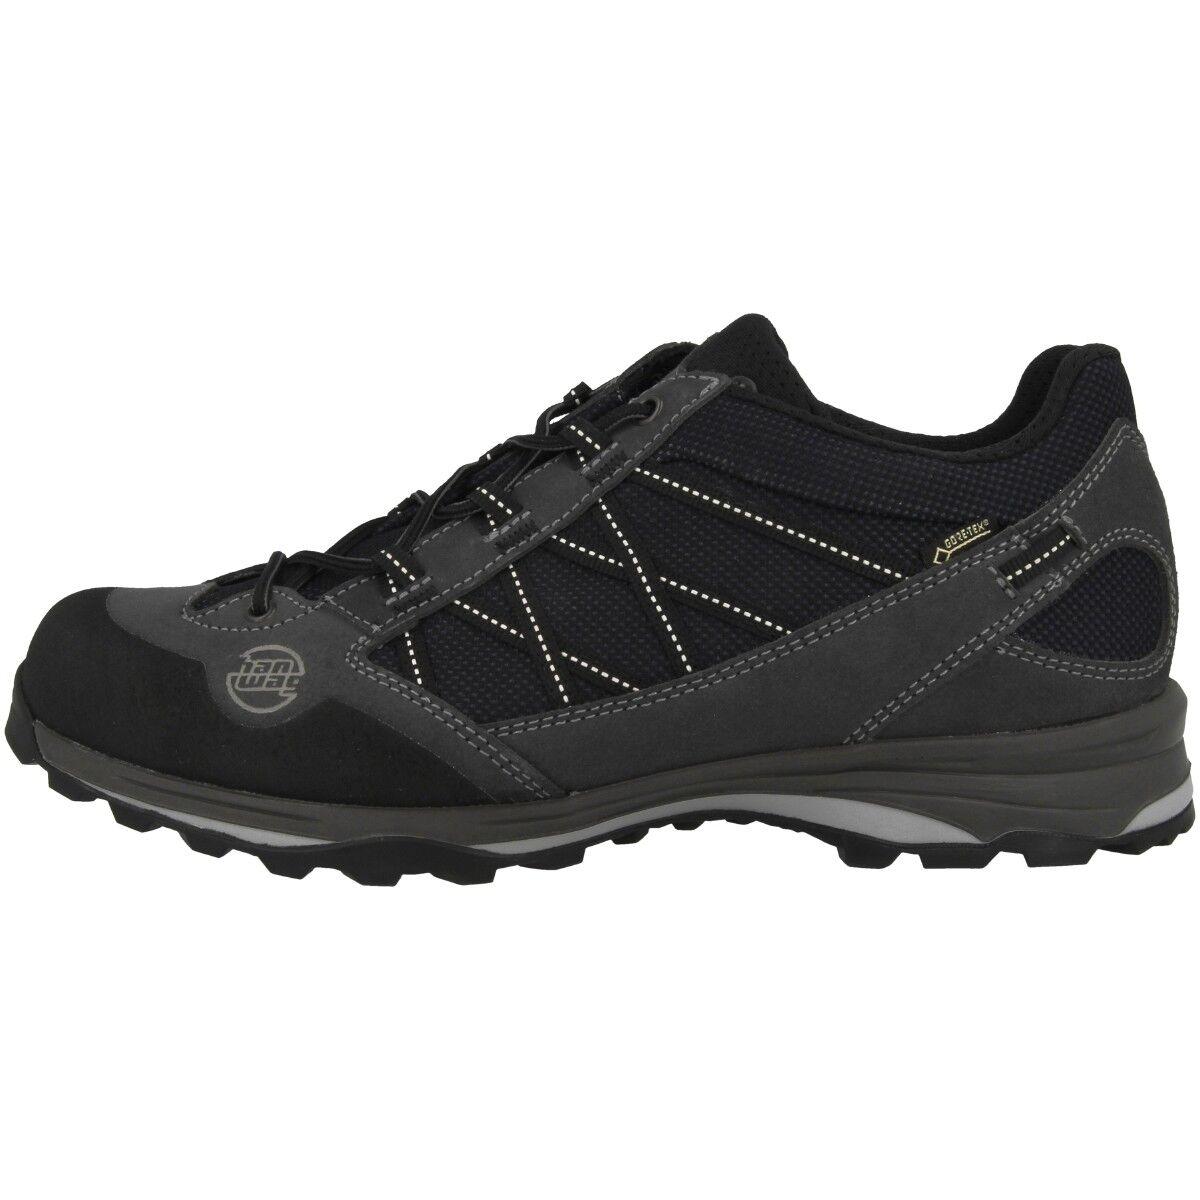 Hanwag Belorado II Low GTX Stiefel Herren Gore-Tex Outdoor Schuhe 201200-064012